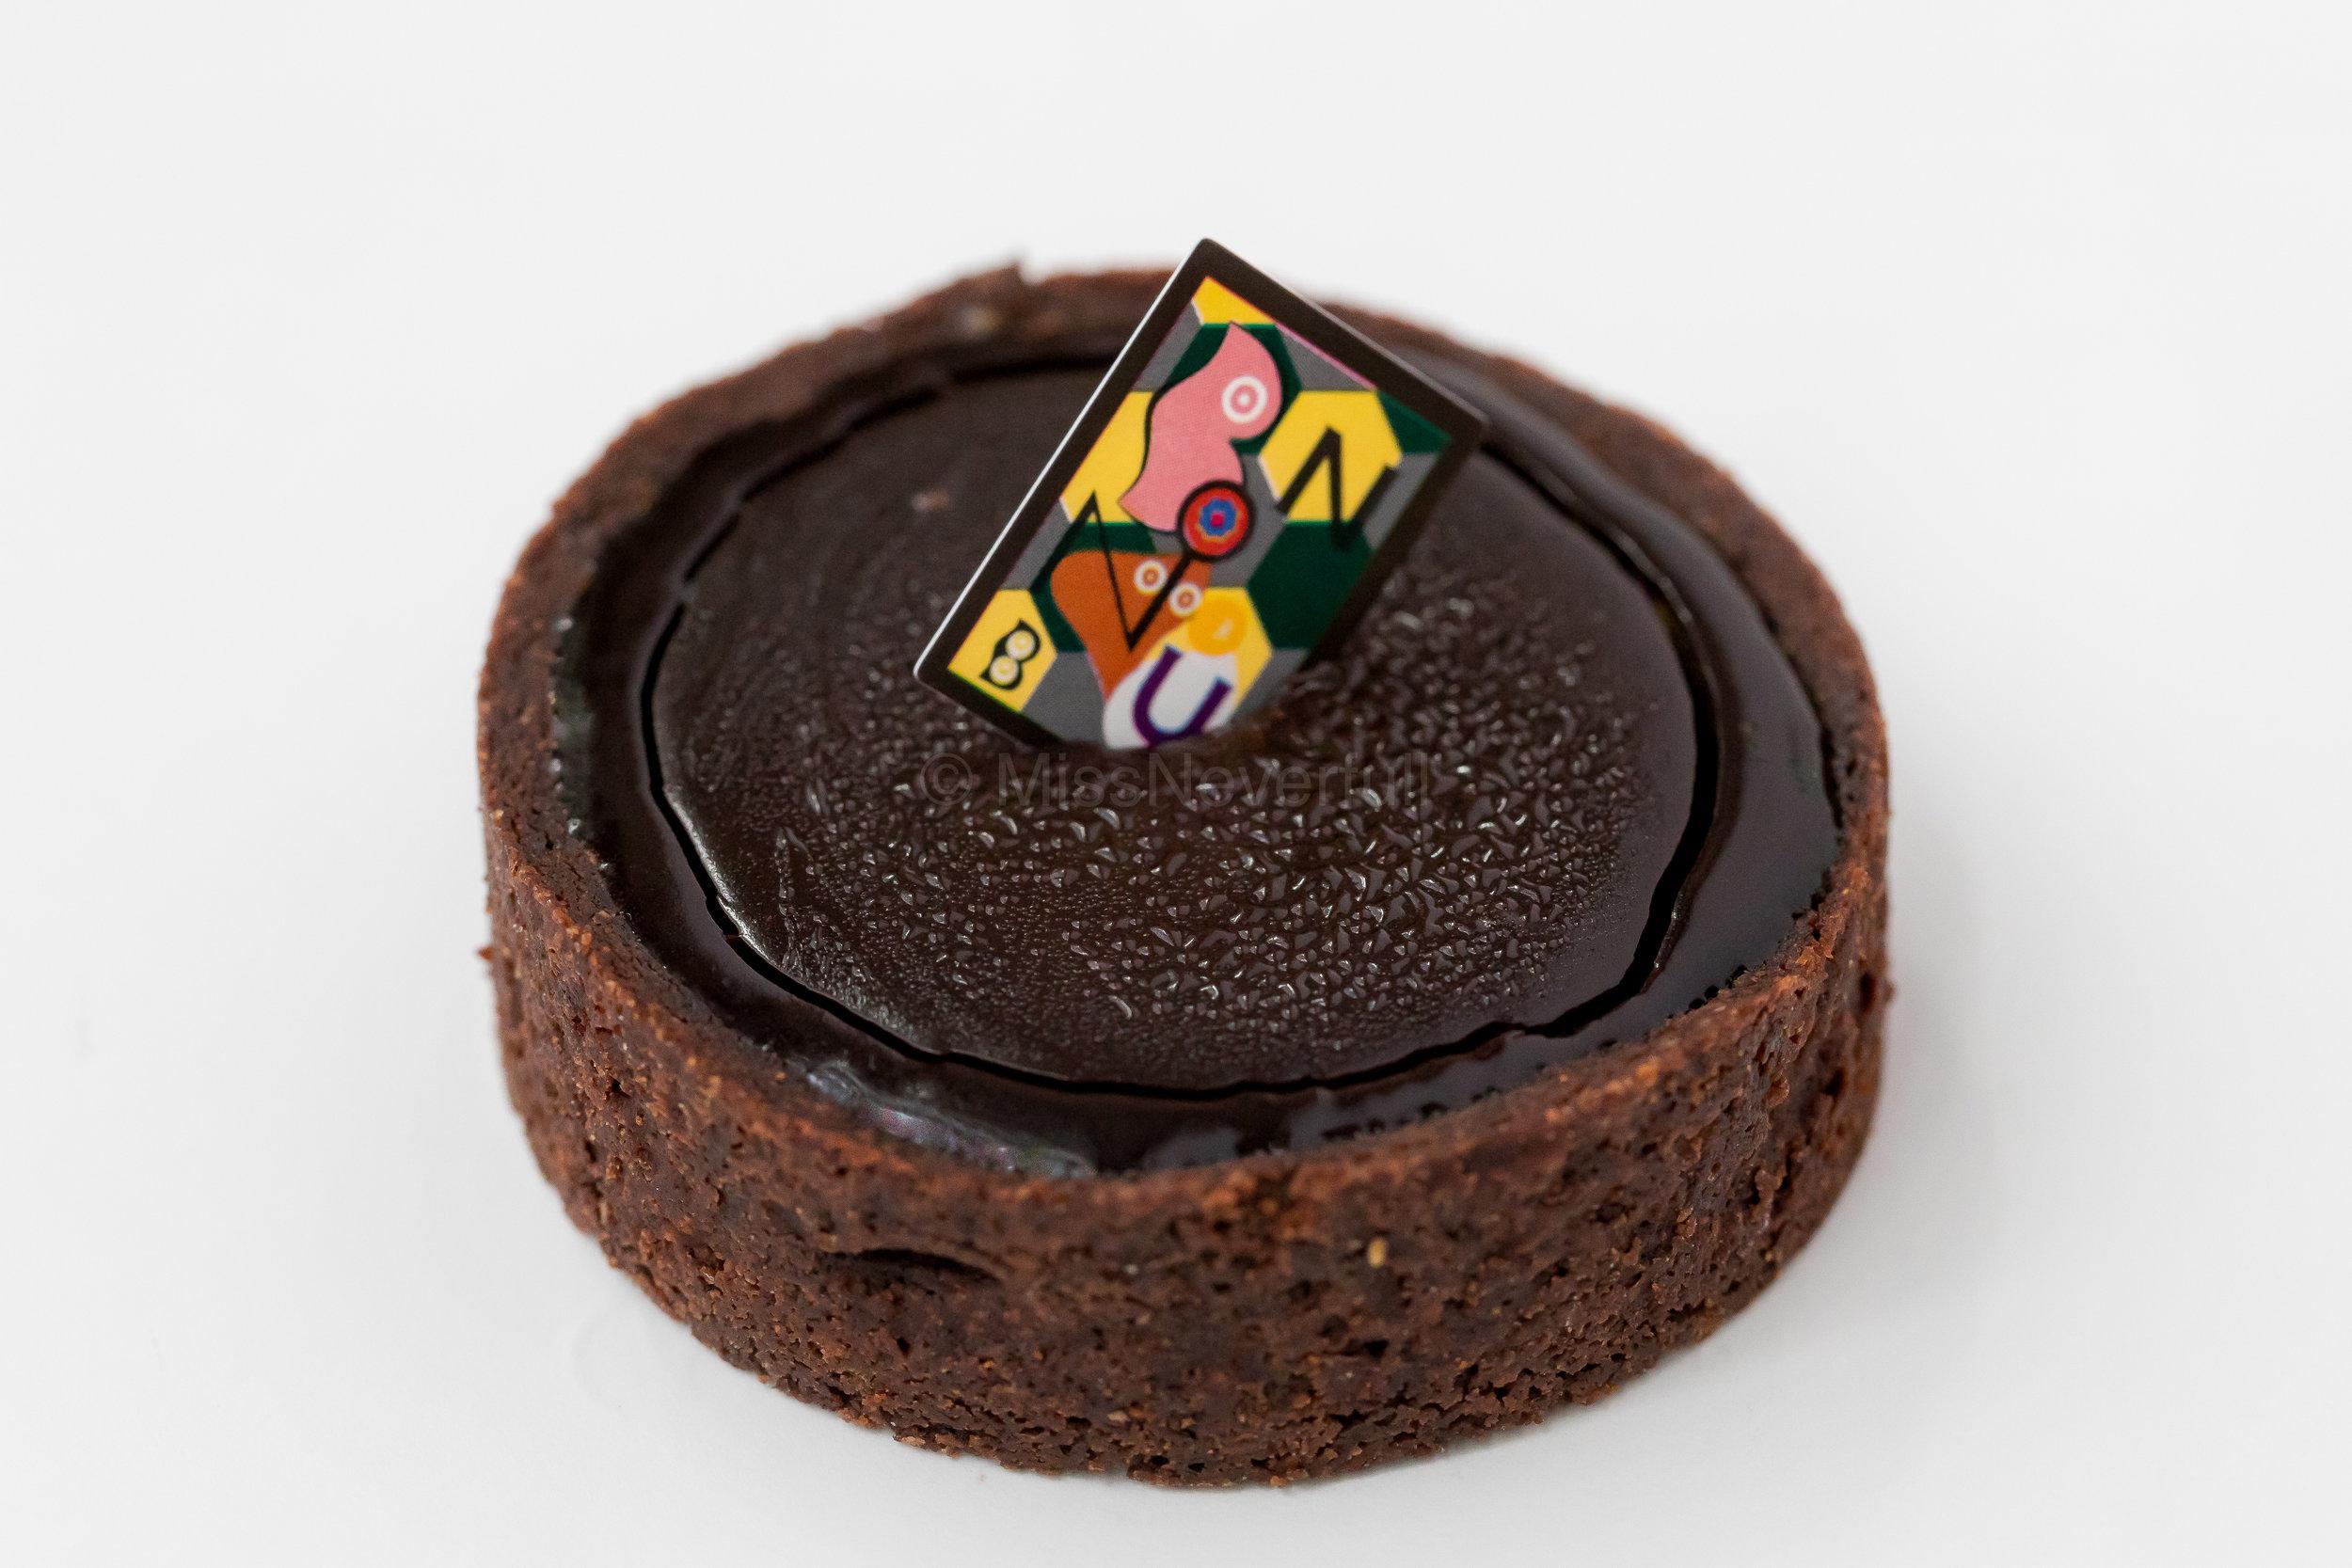 カカオ Cacao - made of only three ingredients: chocolate, water, and raw tart crust